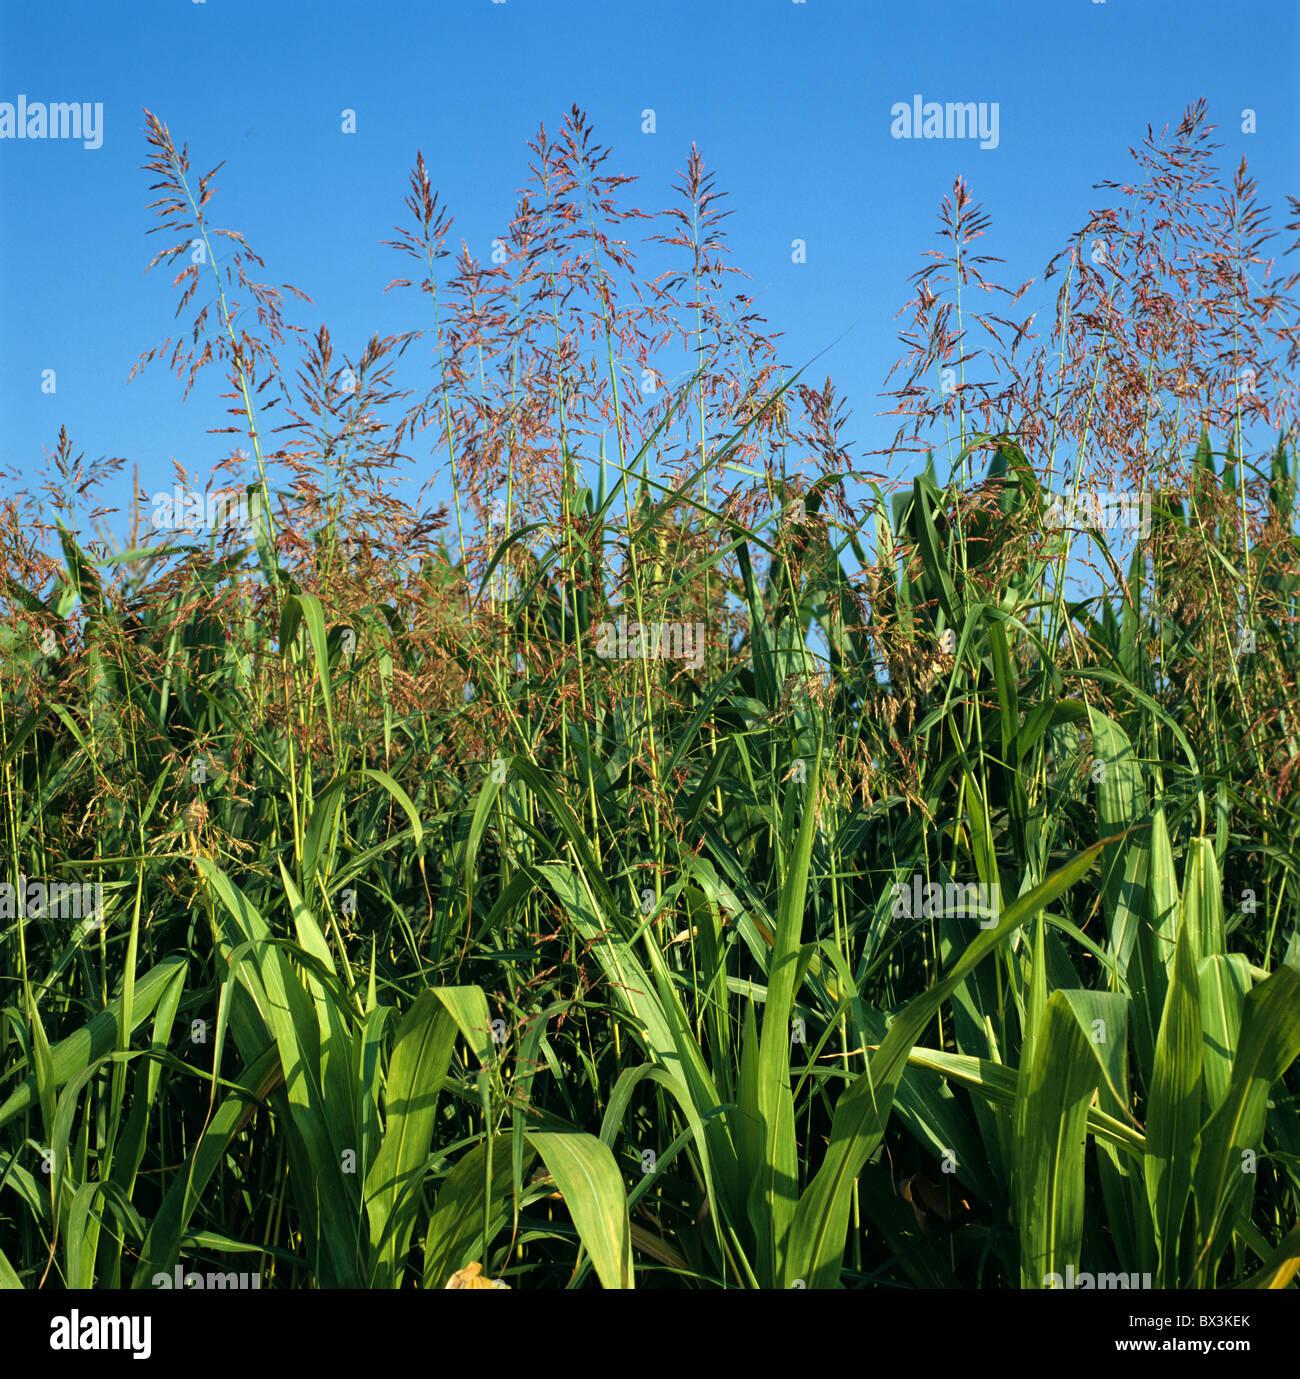 Johnson grass (Sorghum halepense) floraison dans une récolte de maïs à maturité, Italie Photo Stock